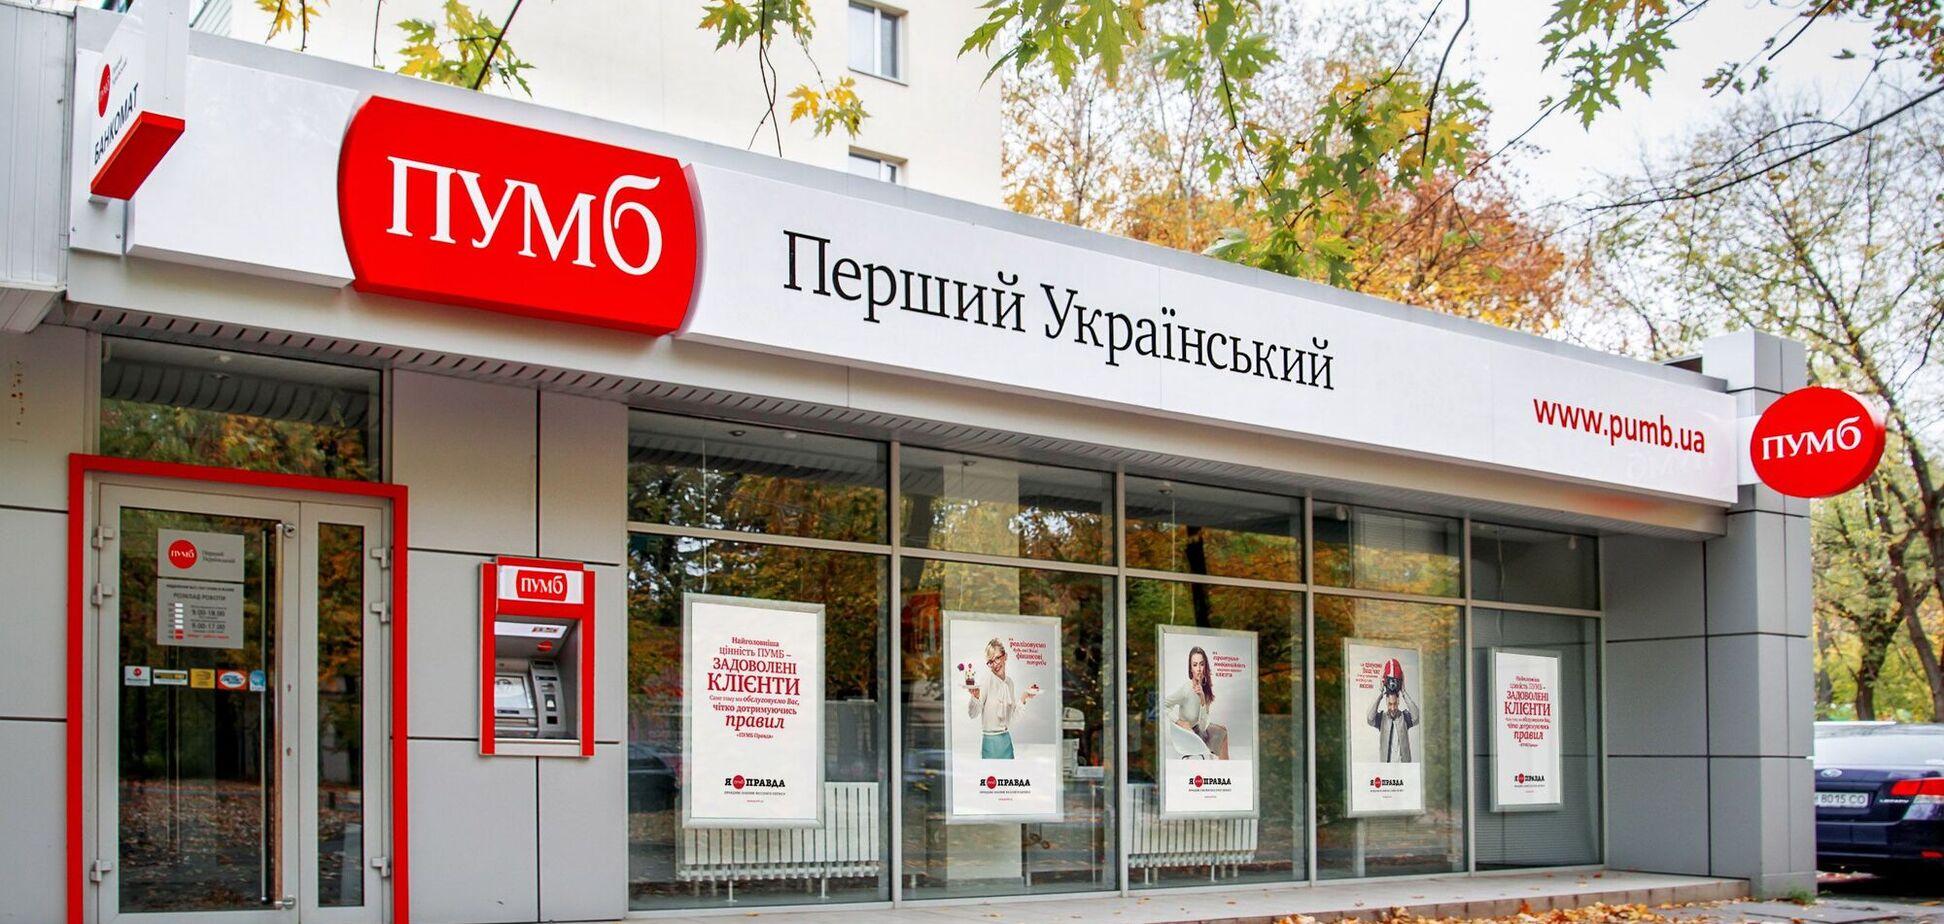 В отделениях банка ПУМБ можно будет стать клиентами ГК 'Нафтогаз Украины'